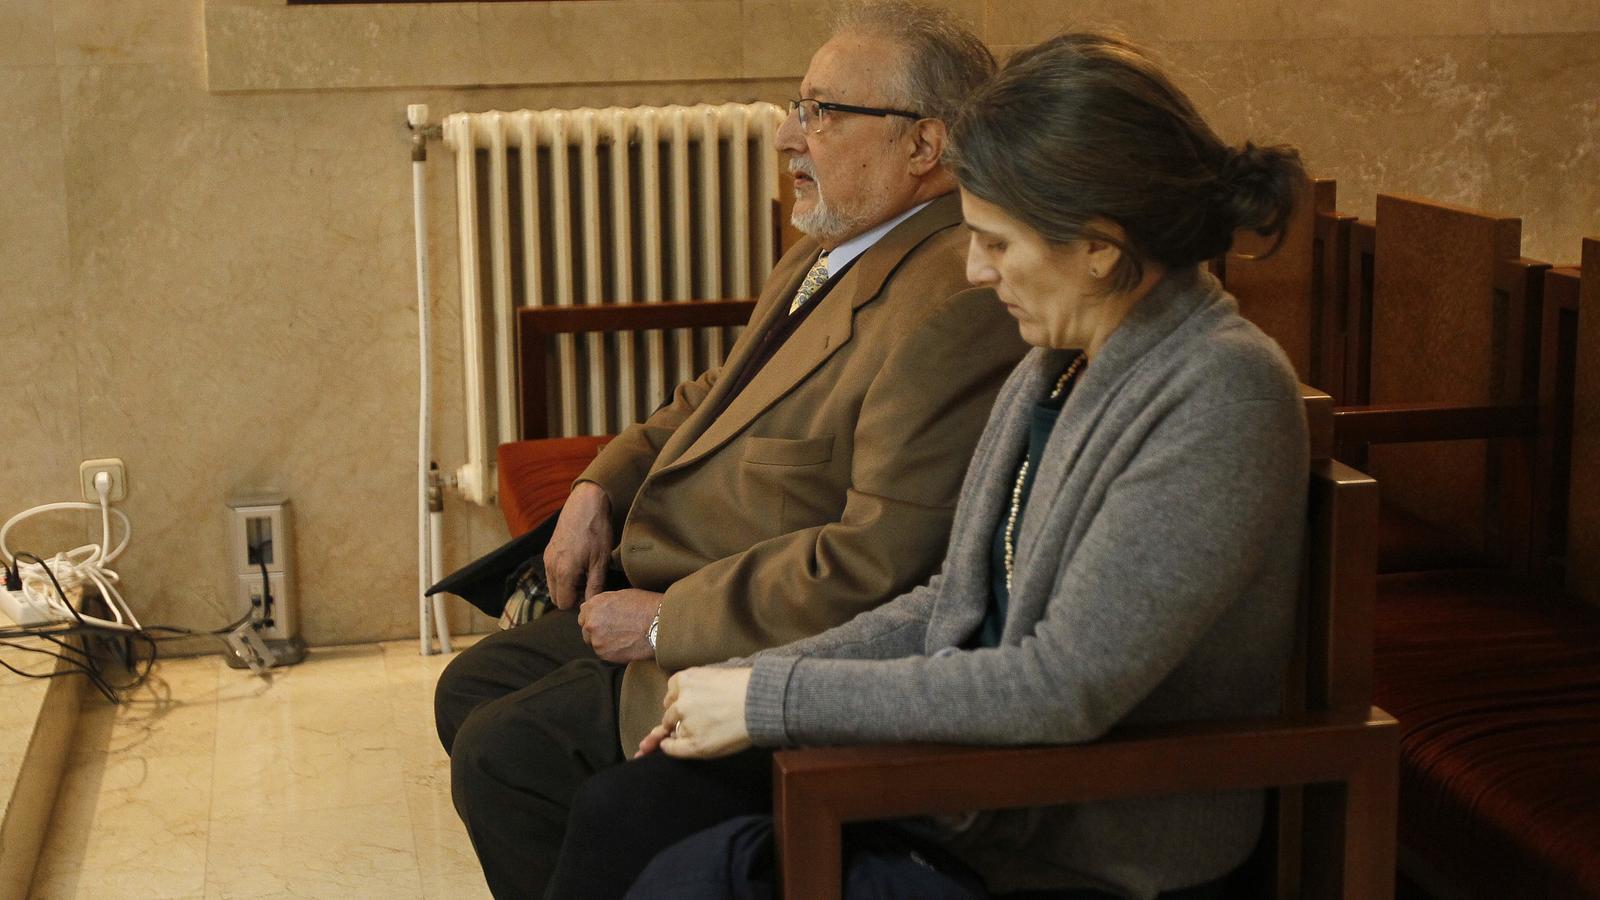 L'últim litigi del cas Andratx acaba amb l'absolució de Massot i una multa per a una funcionària